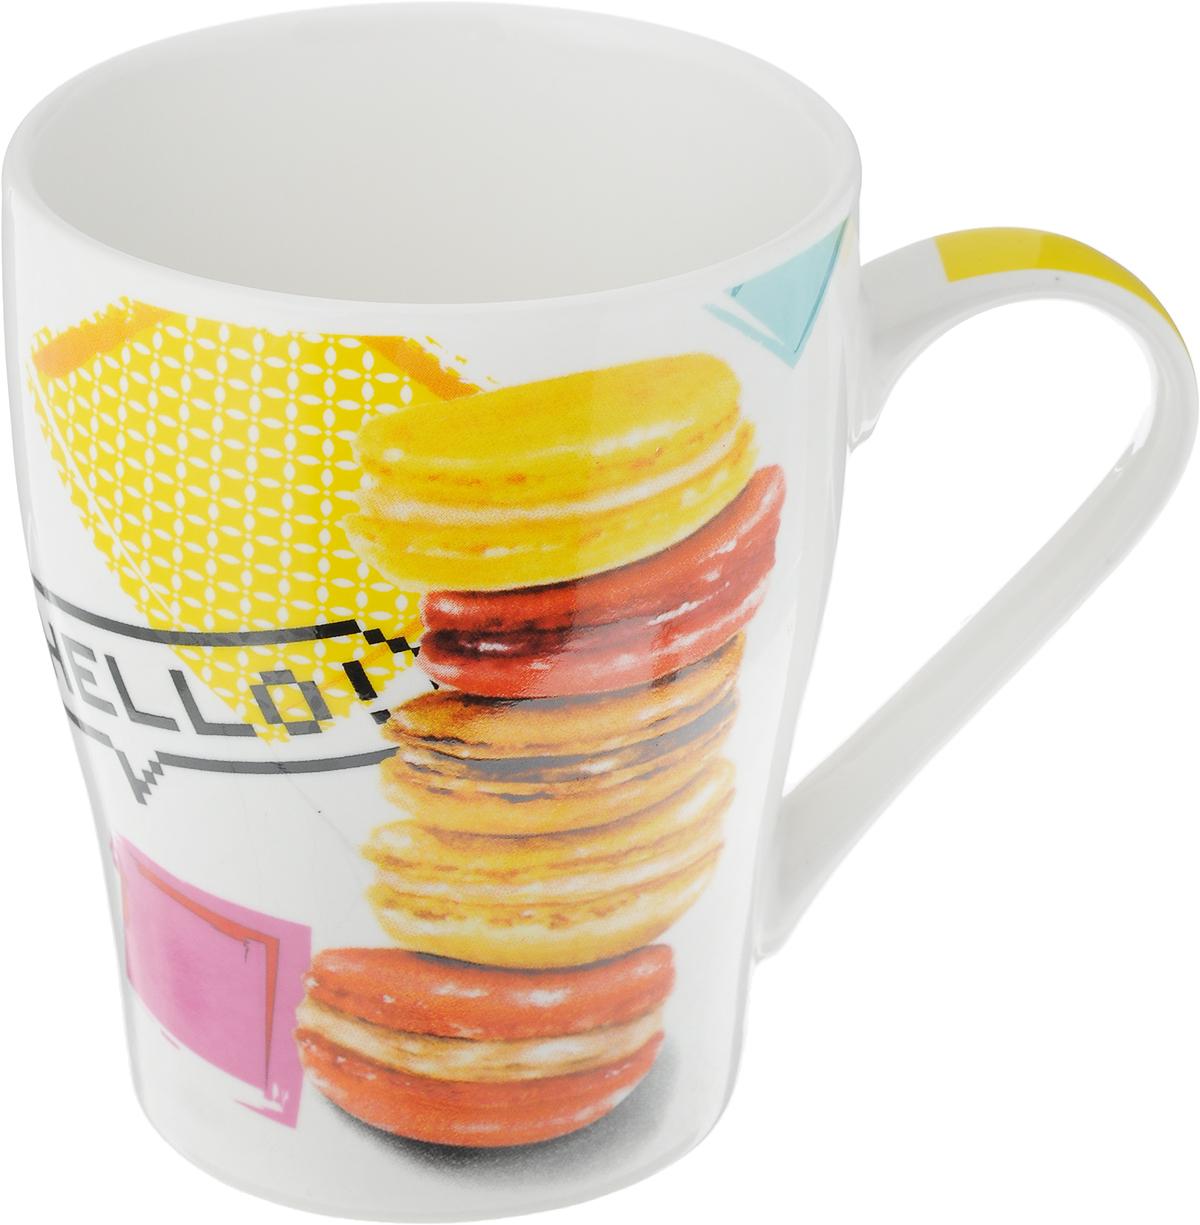 Кружка Loraine Десерт, цвет: белый, желтый, красный, 340 мл. 265711568942Кружка Loraine Десерт изготовлена из прочного качественного костяного фарфора. Изделиеоформлено красочным рисунком. Благодаря своим термостатическимсвойствам, изделие отлично сохраняет температуру содержимого - морозной зимой кружка будетсогревать вас горячим чаем, а знойным летом, напротив, радовать прохладными напитками.Такой аксессуар создаст атмосферу тепла и уюта, настроит на позитивный лад и подаритхорошее настроение с самого утра. Это оригинальное изделие идеально подойдет в подарокблизкому человеку.Диаметр (по верхнему краю): 8,5 см. Высота кружки: 10,5 см.Объем: 340 мл.